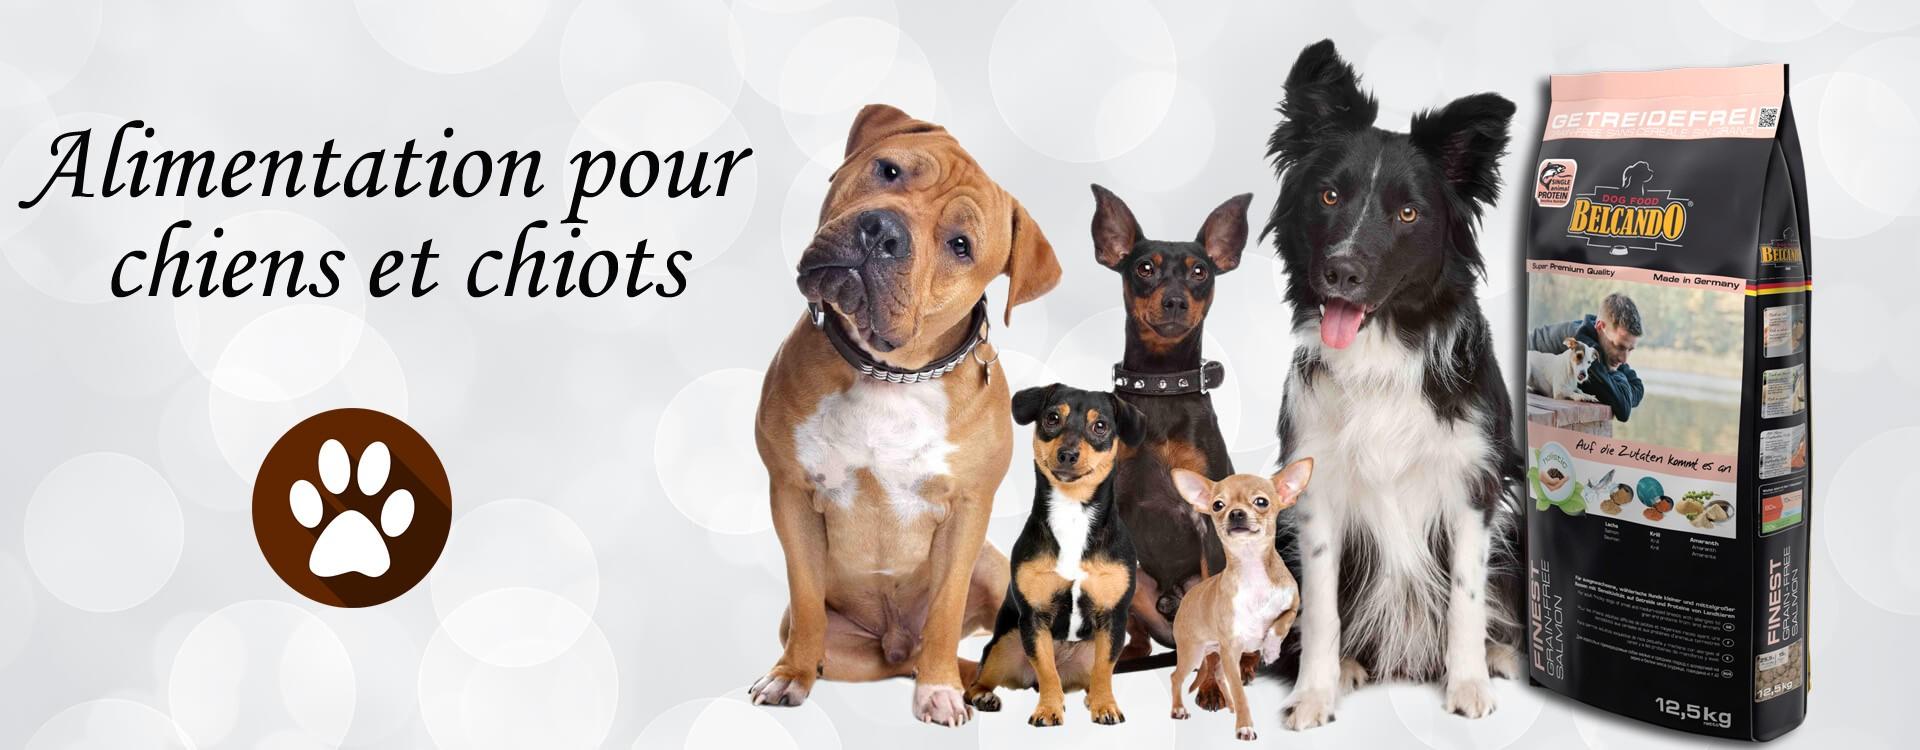 Alimentation pour chiens et chiots